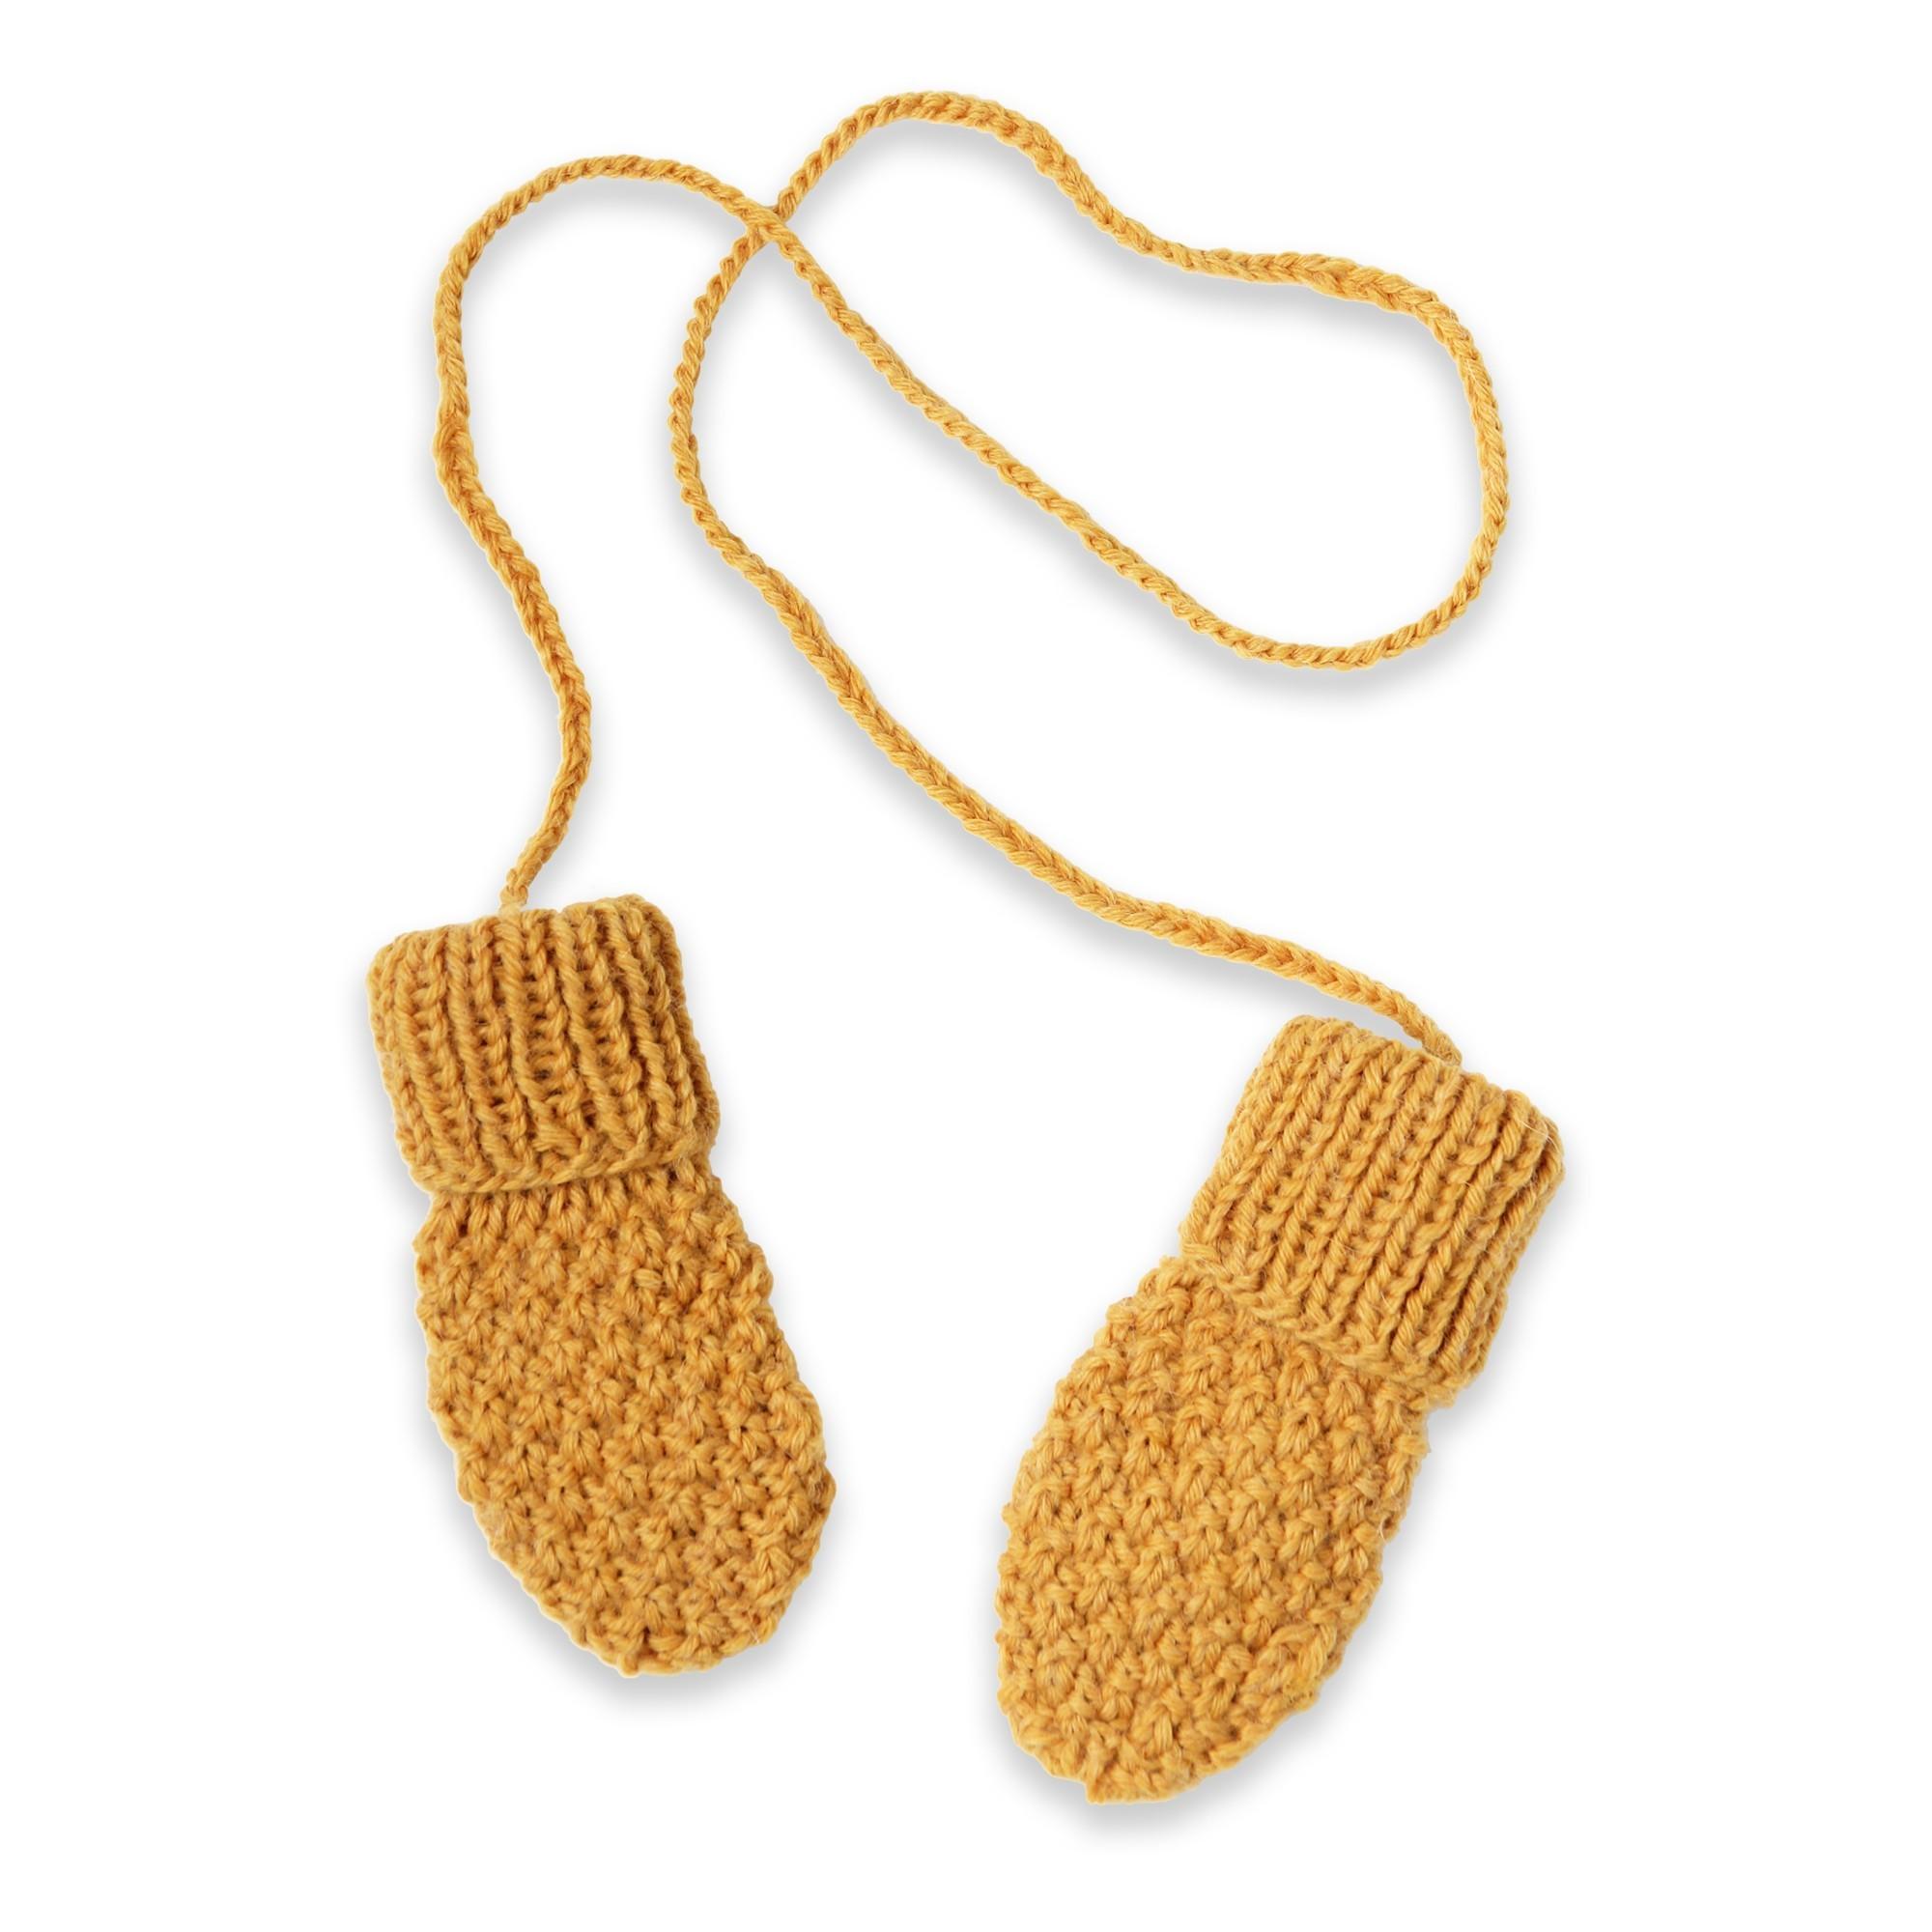 Gants   moufles enfant jaune en laine et alpaga tricotés au point de blé 61ca48b86d0